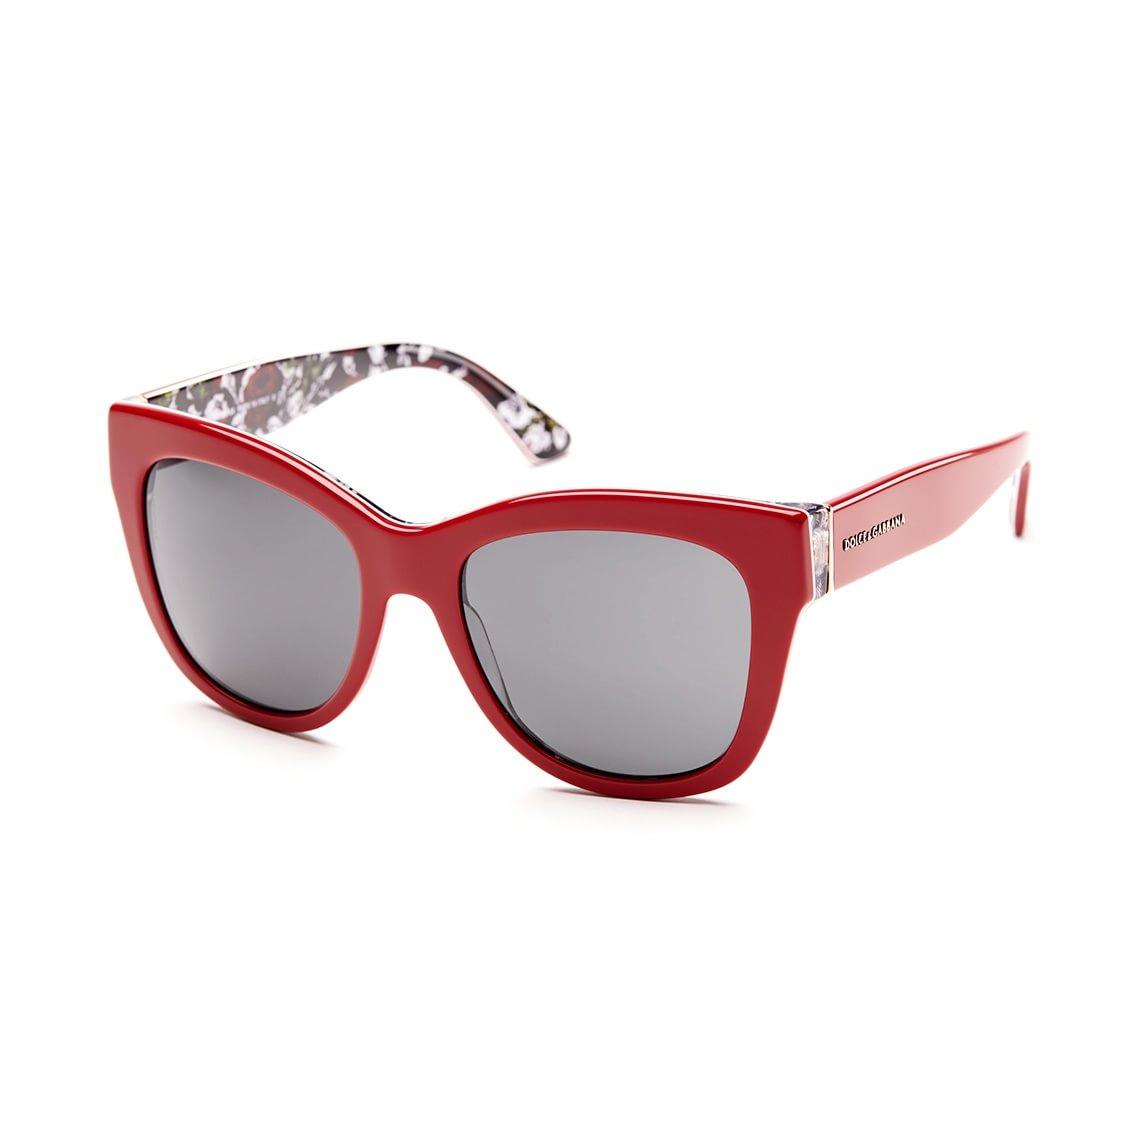 Dolce & Gabbana DG4270 302087 5519